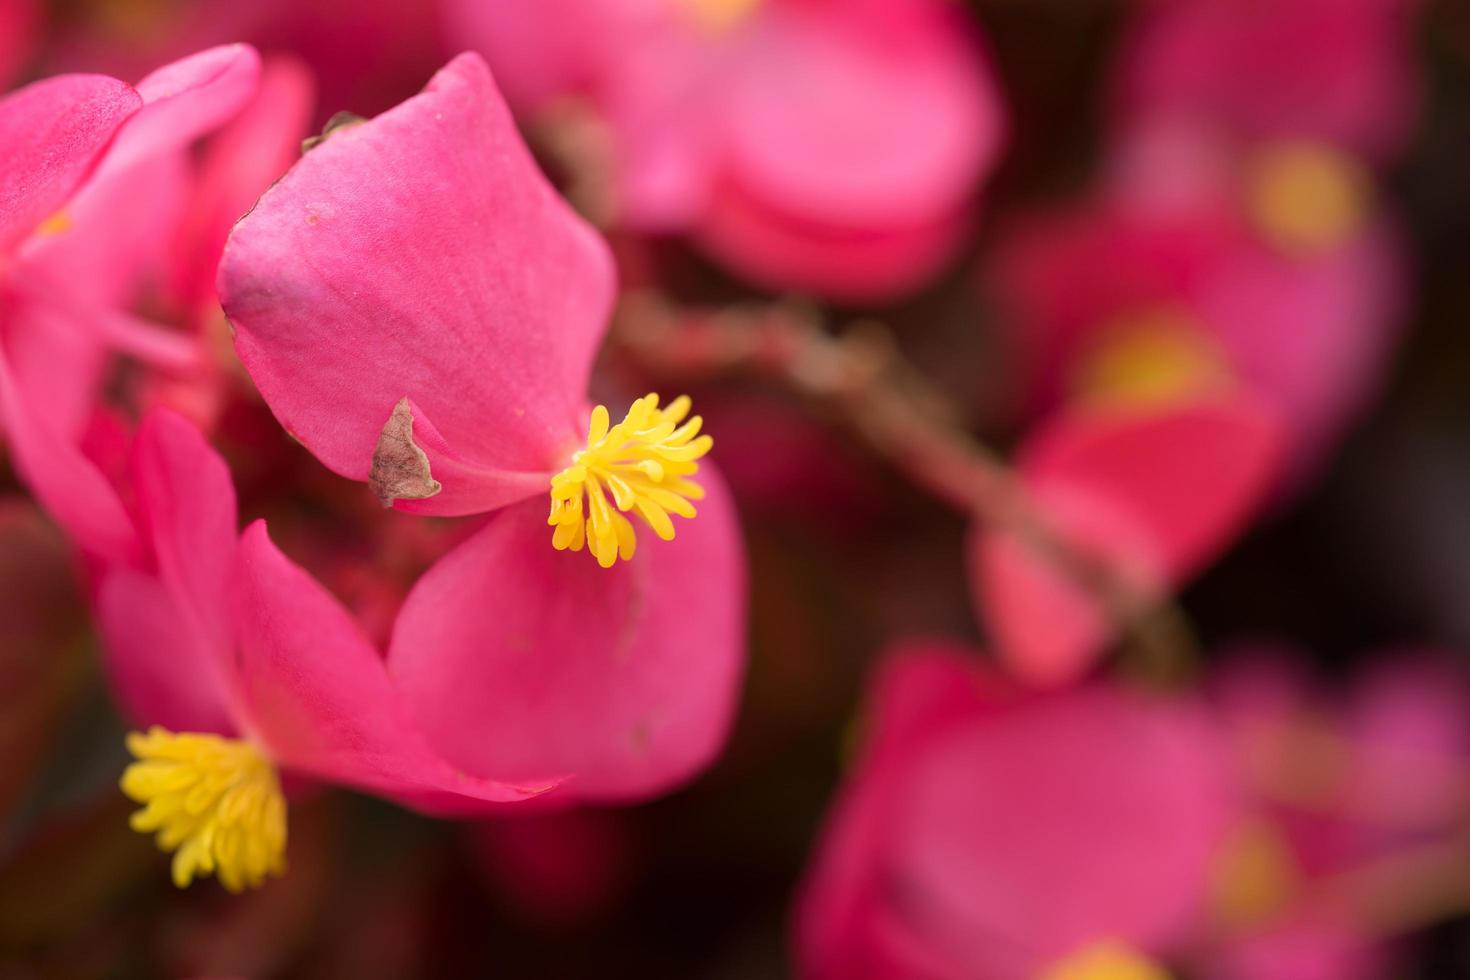 rosa blommig bakgrund med blommor av begonia närbild foto